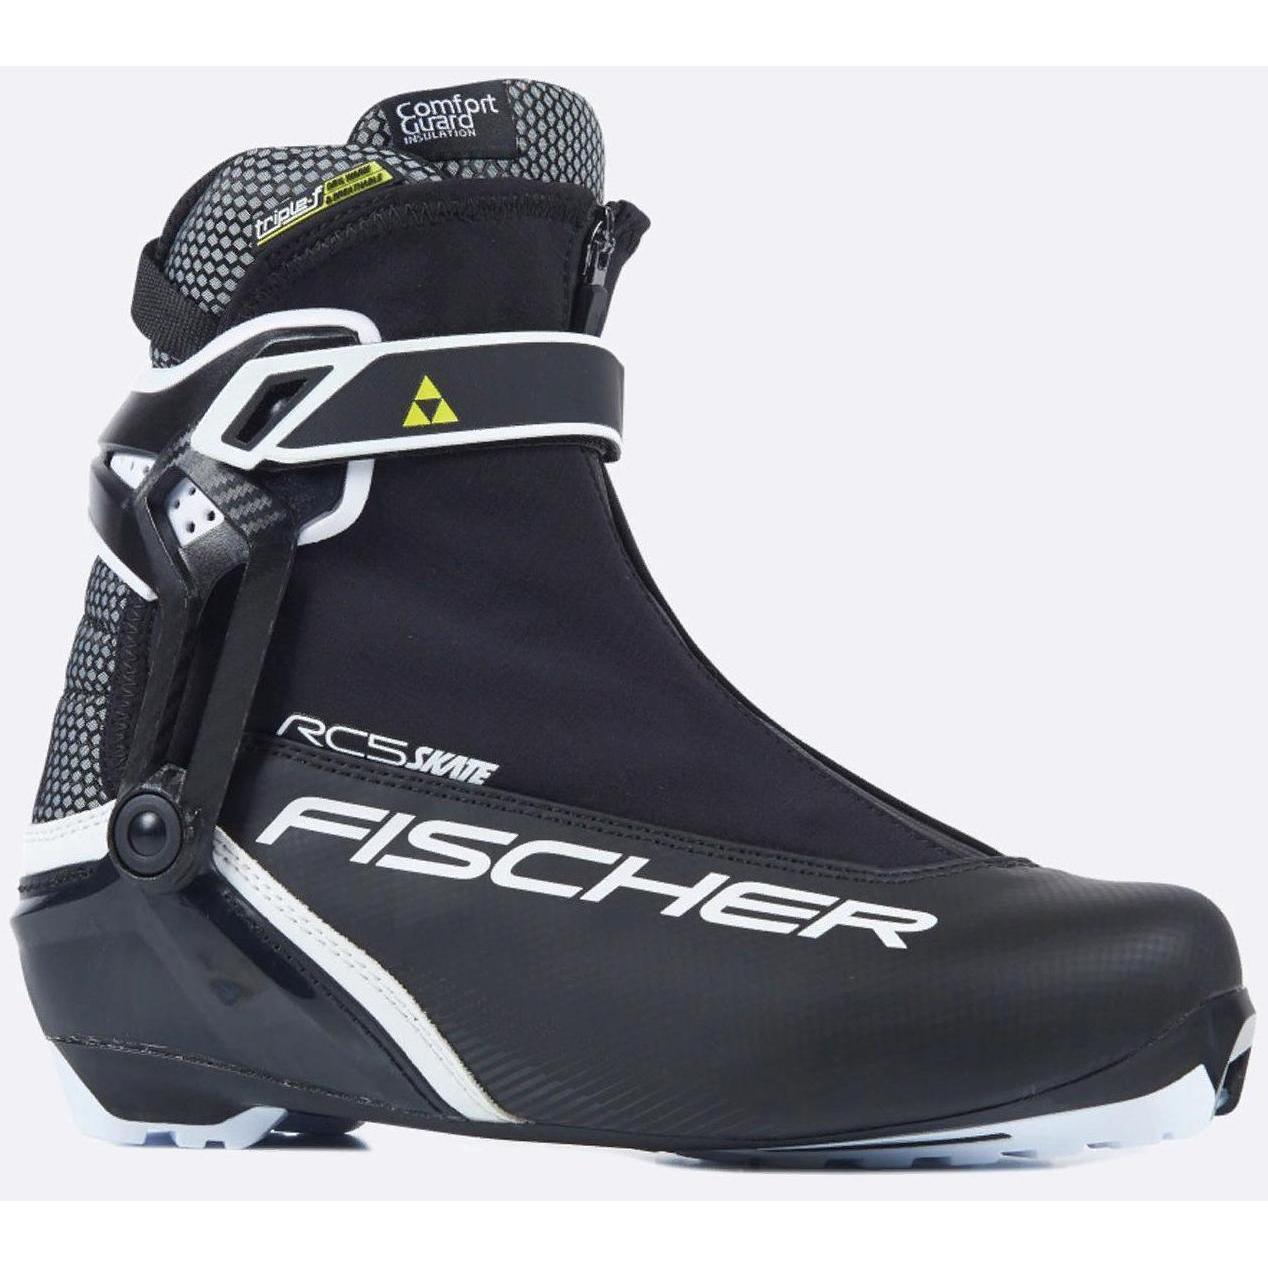 Лыжные ботинки Fischer 2018-19 RC5 SKATE - купить в КАНТе 1d7a0cfc391